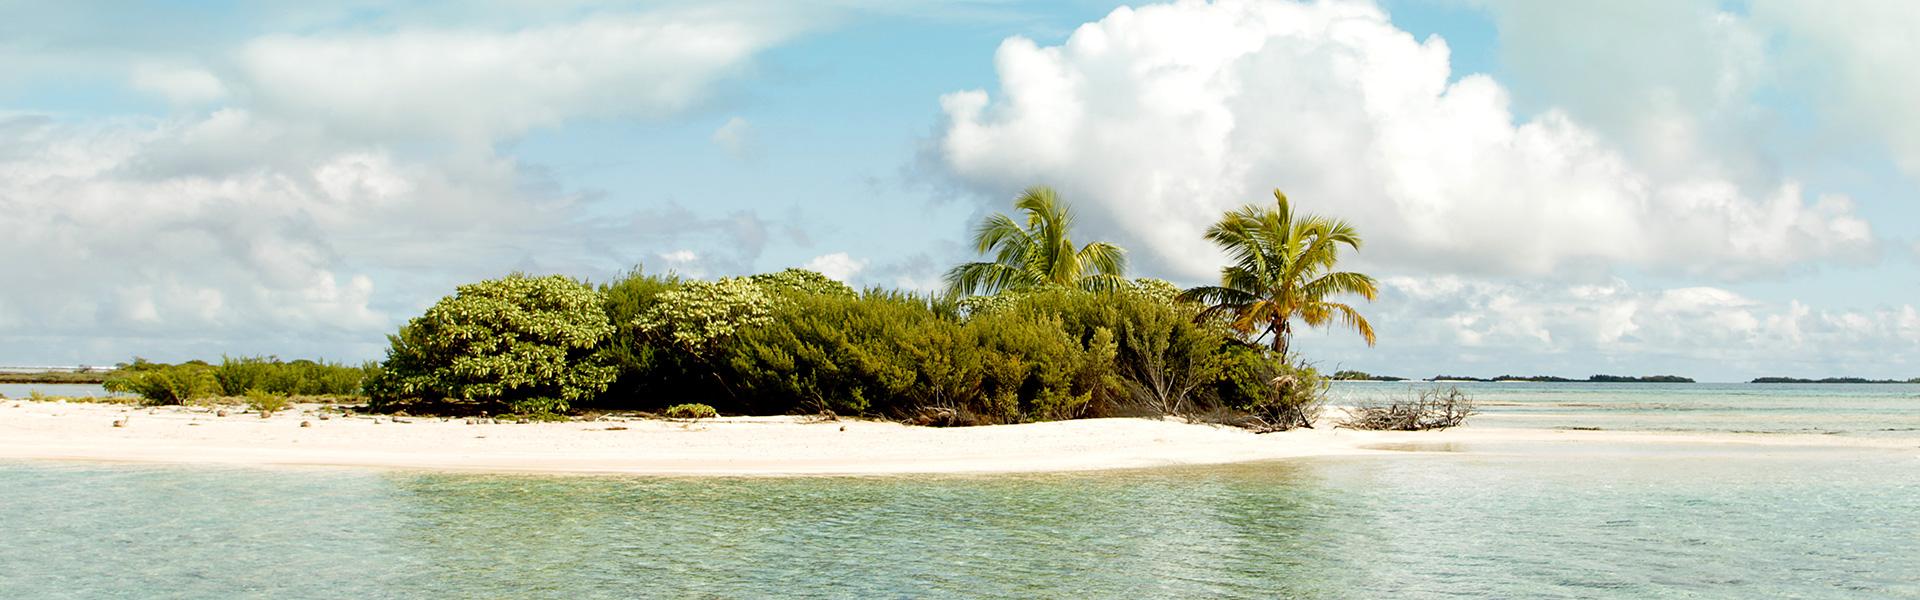 Private islands for sale motu matatahi french for French polynesia islands for sale